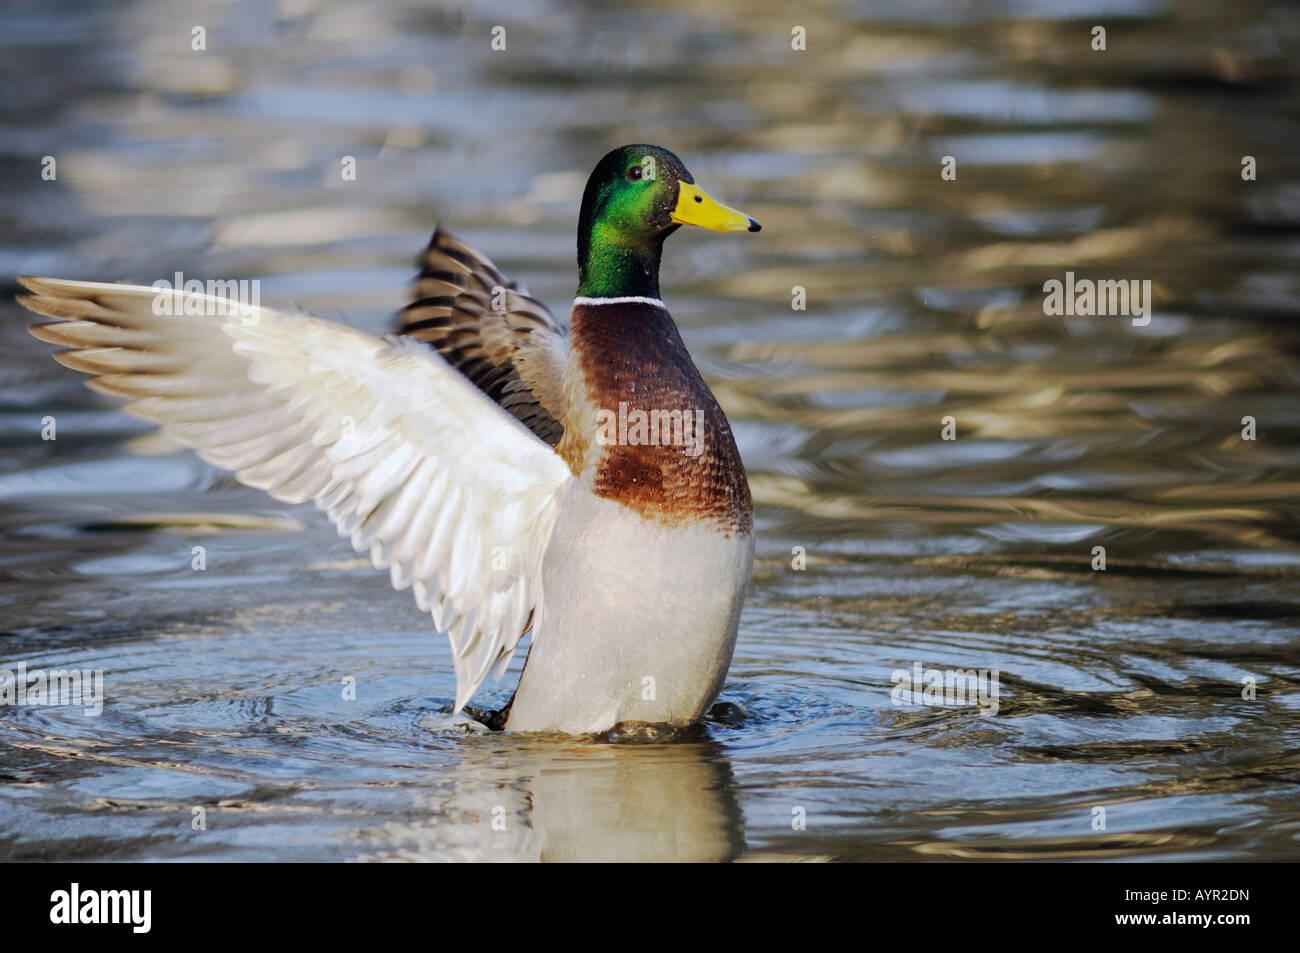 Stockente (Anas Platyrhynchos) mit den Flügeln im Wasser Stockbild